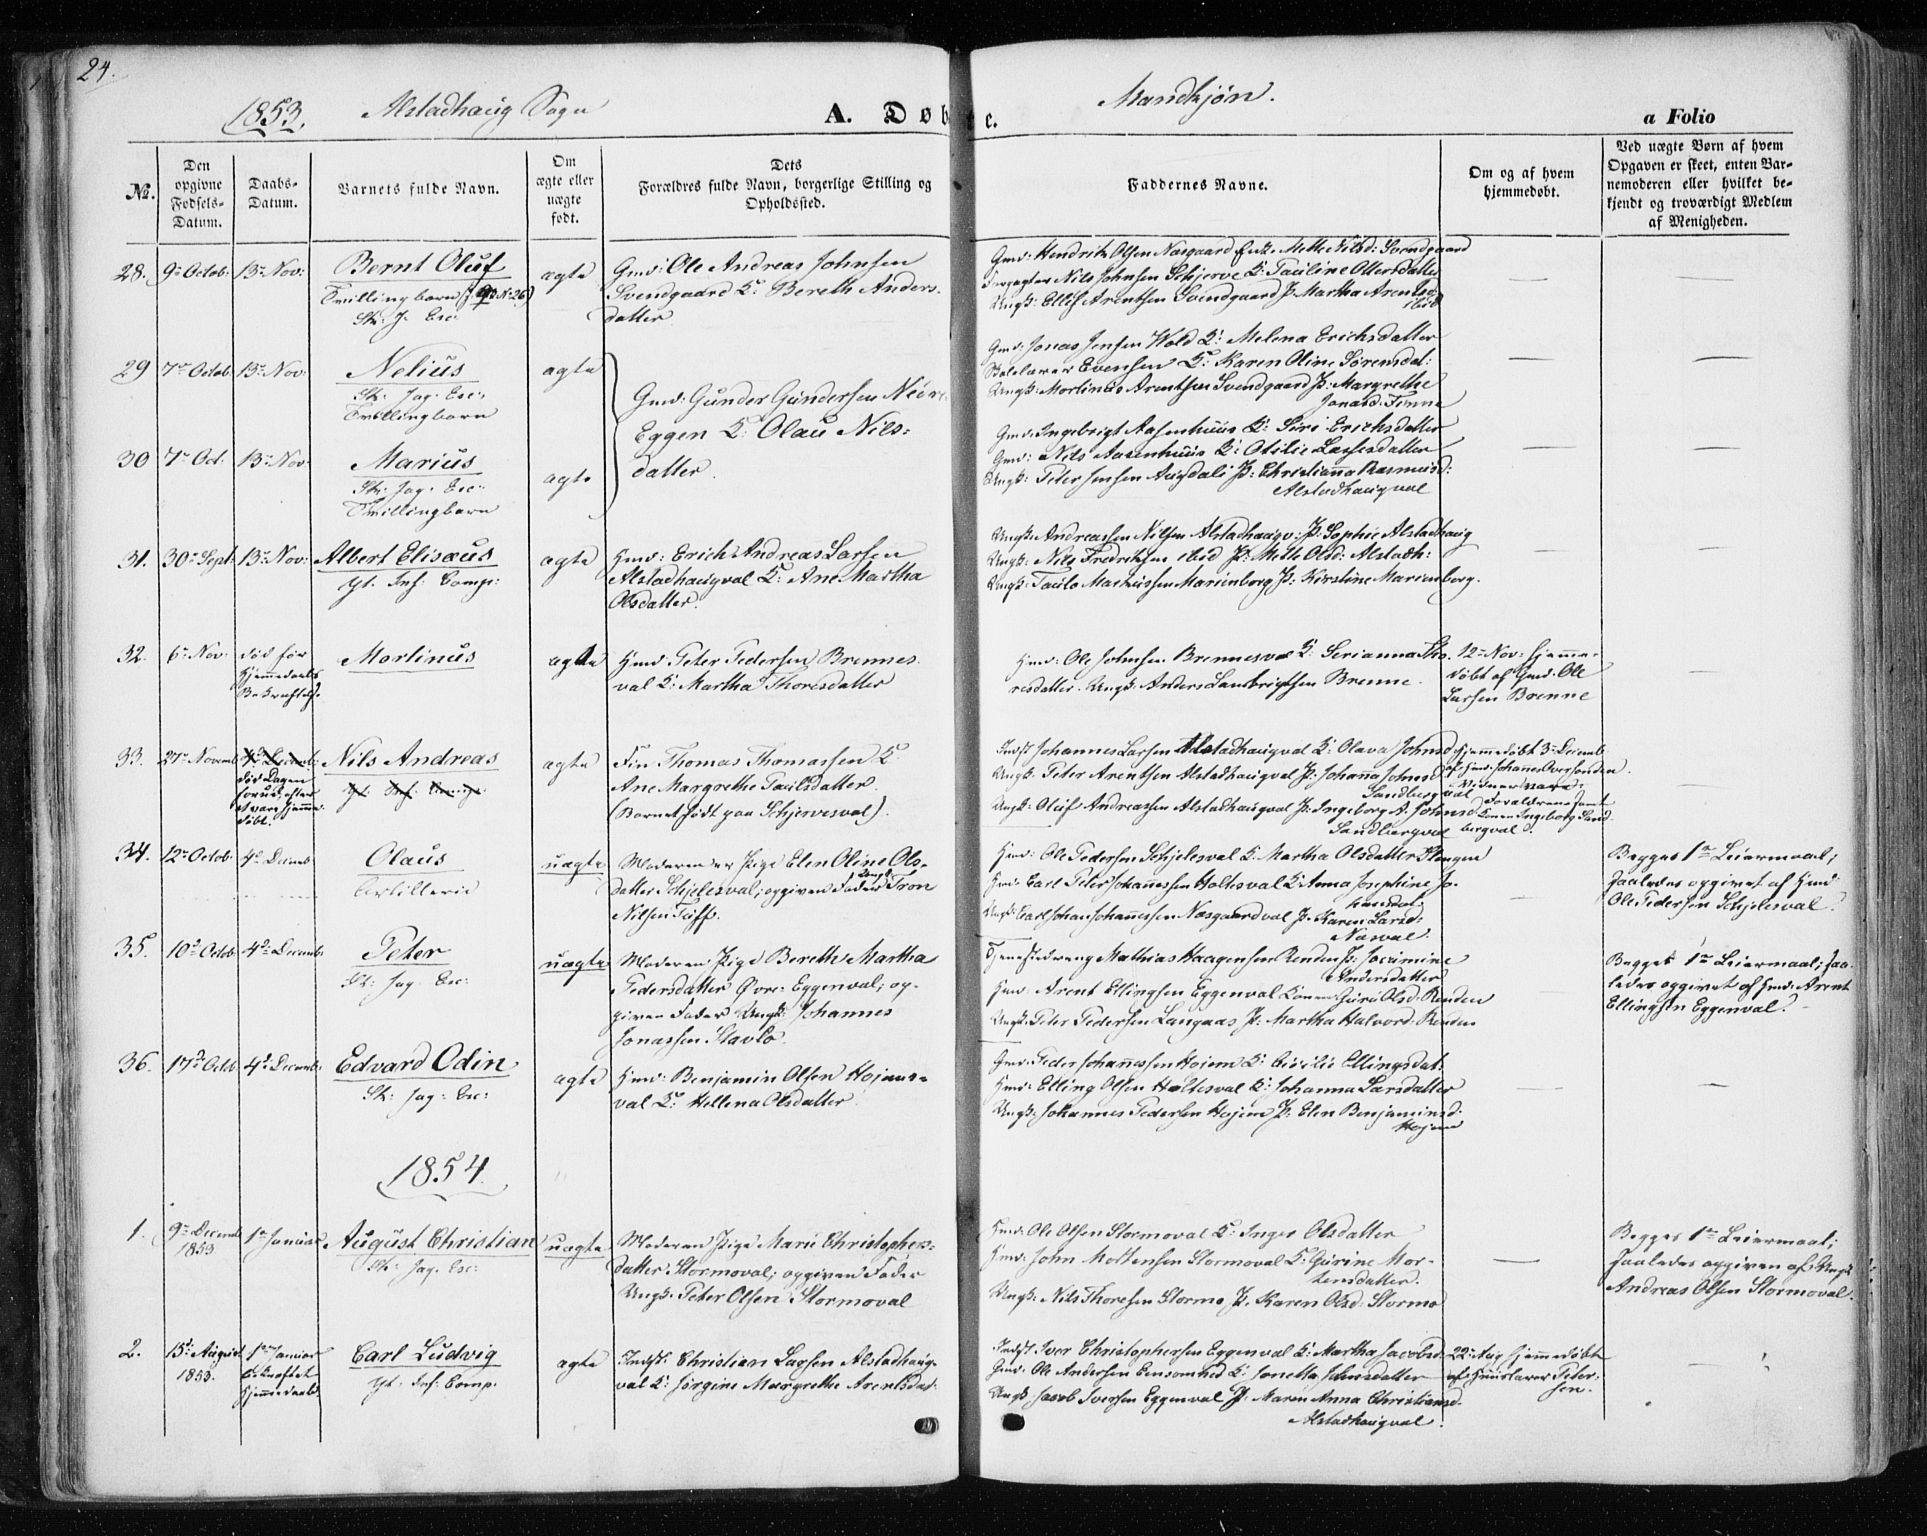 SAT, Ministerialprotokoller, klokkerbøker og fødselsregistre - Nord-Trøndelag, 717/L0154: Ministerialbok nr. 717A07 /1, 1850-1862, s. 24